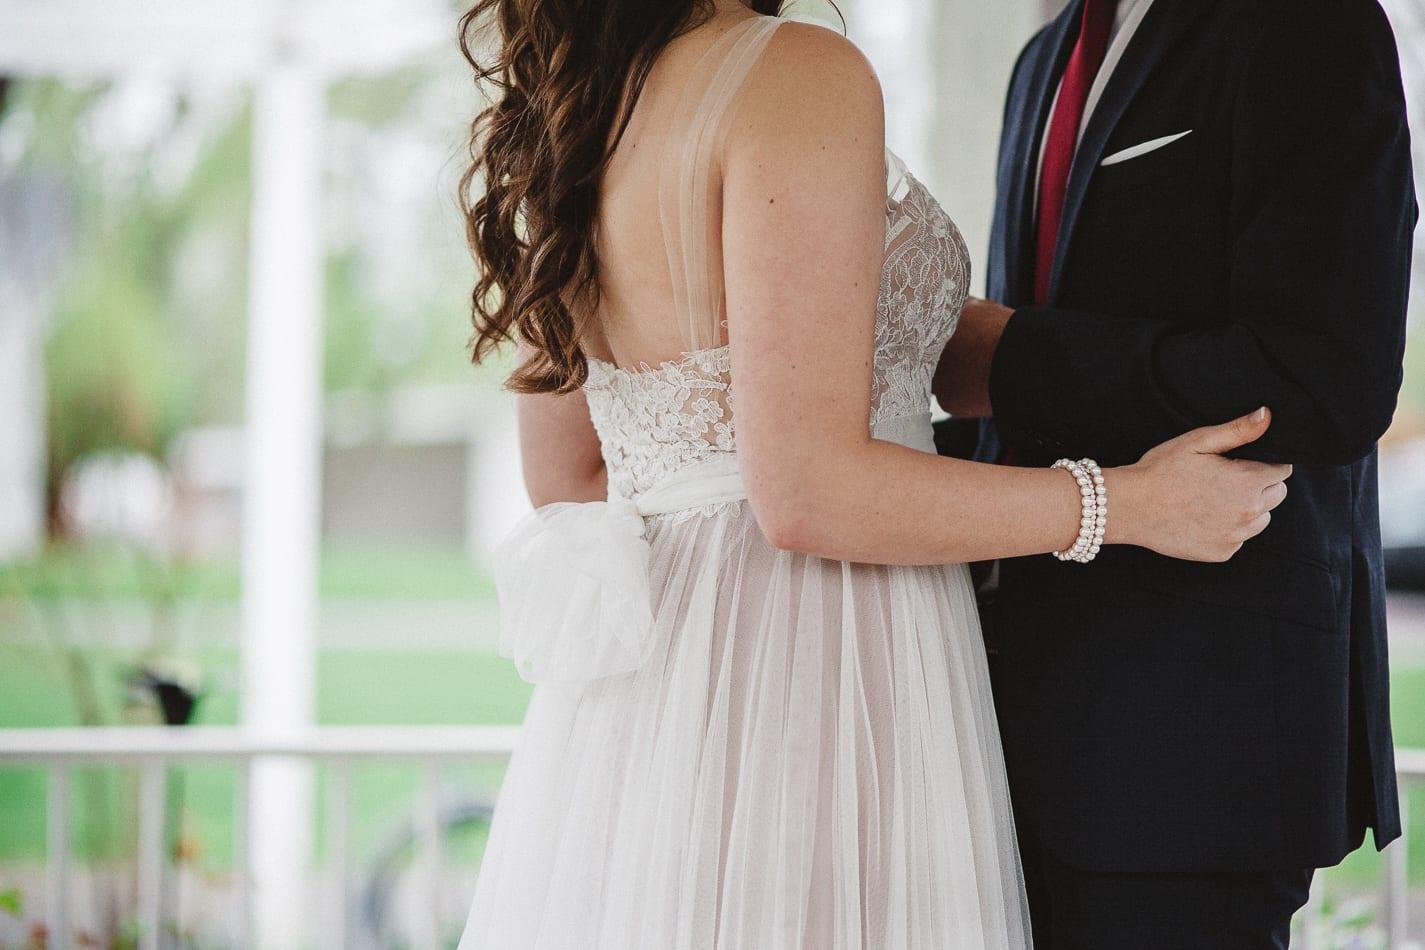 gover-ranch-redding-california-wedding-photographer-71